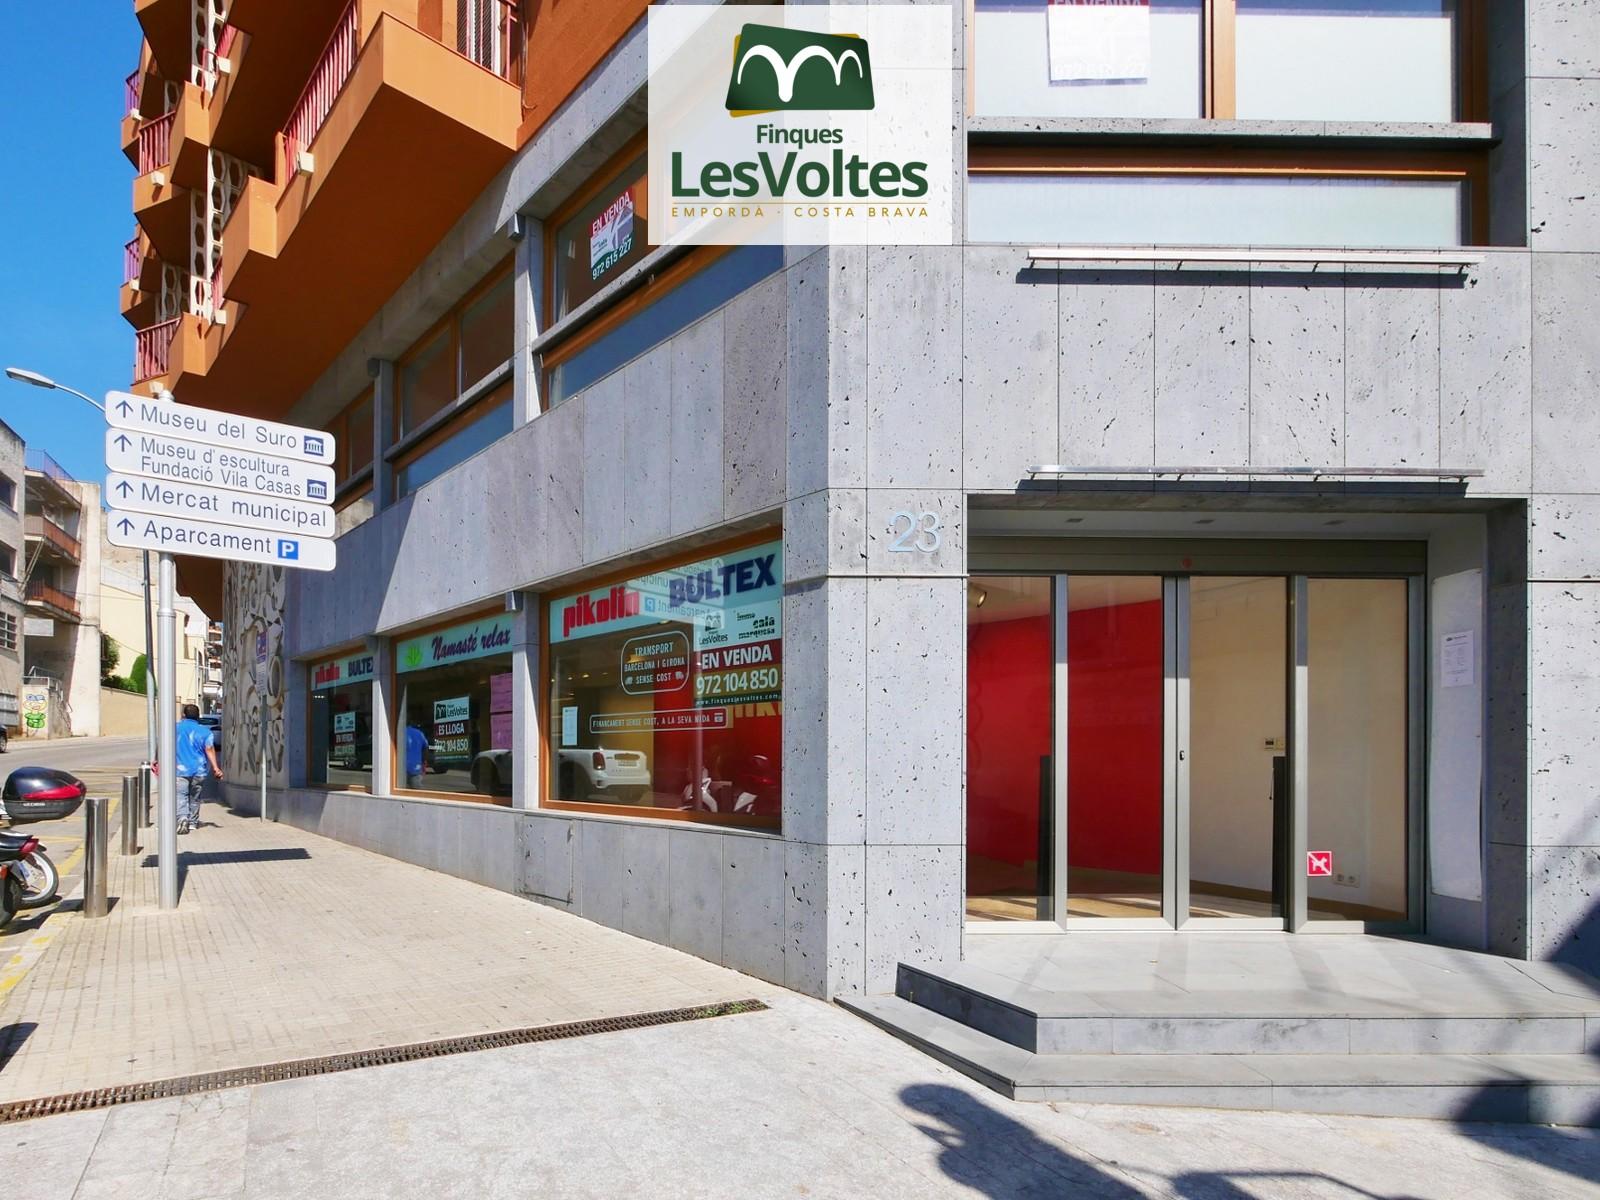 Gran local comercial con encanto de alquiler en el centro de Palafrugell.